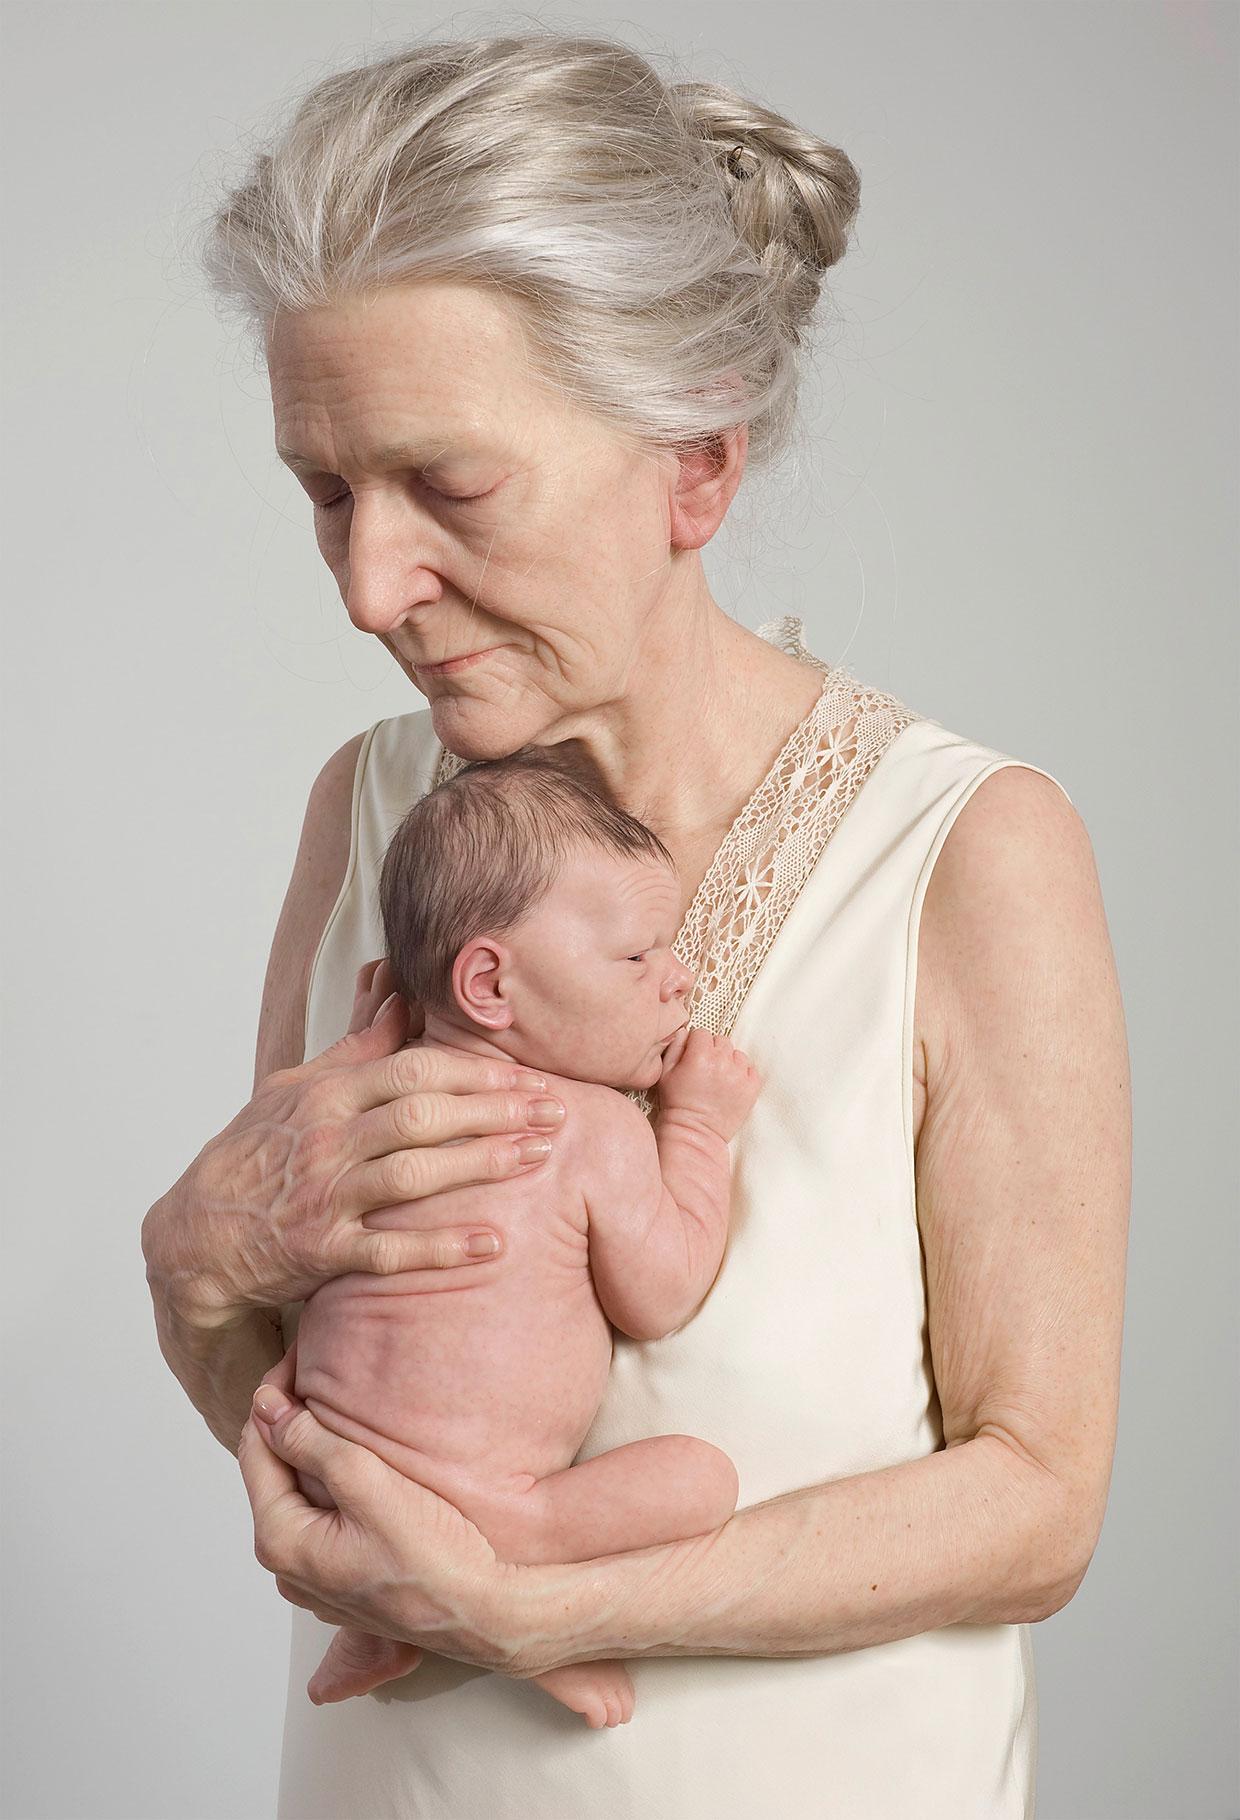 Sam Jinks, Kvinde og barn, 2010. Courtesy kunstneren og Sullivan+Strumpf, Sydney